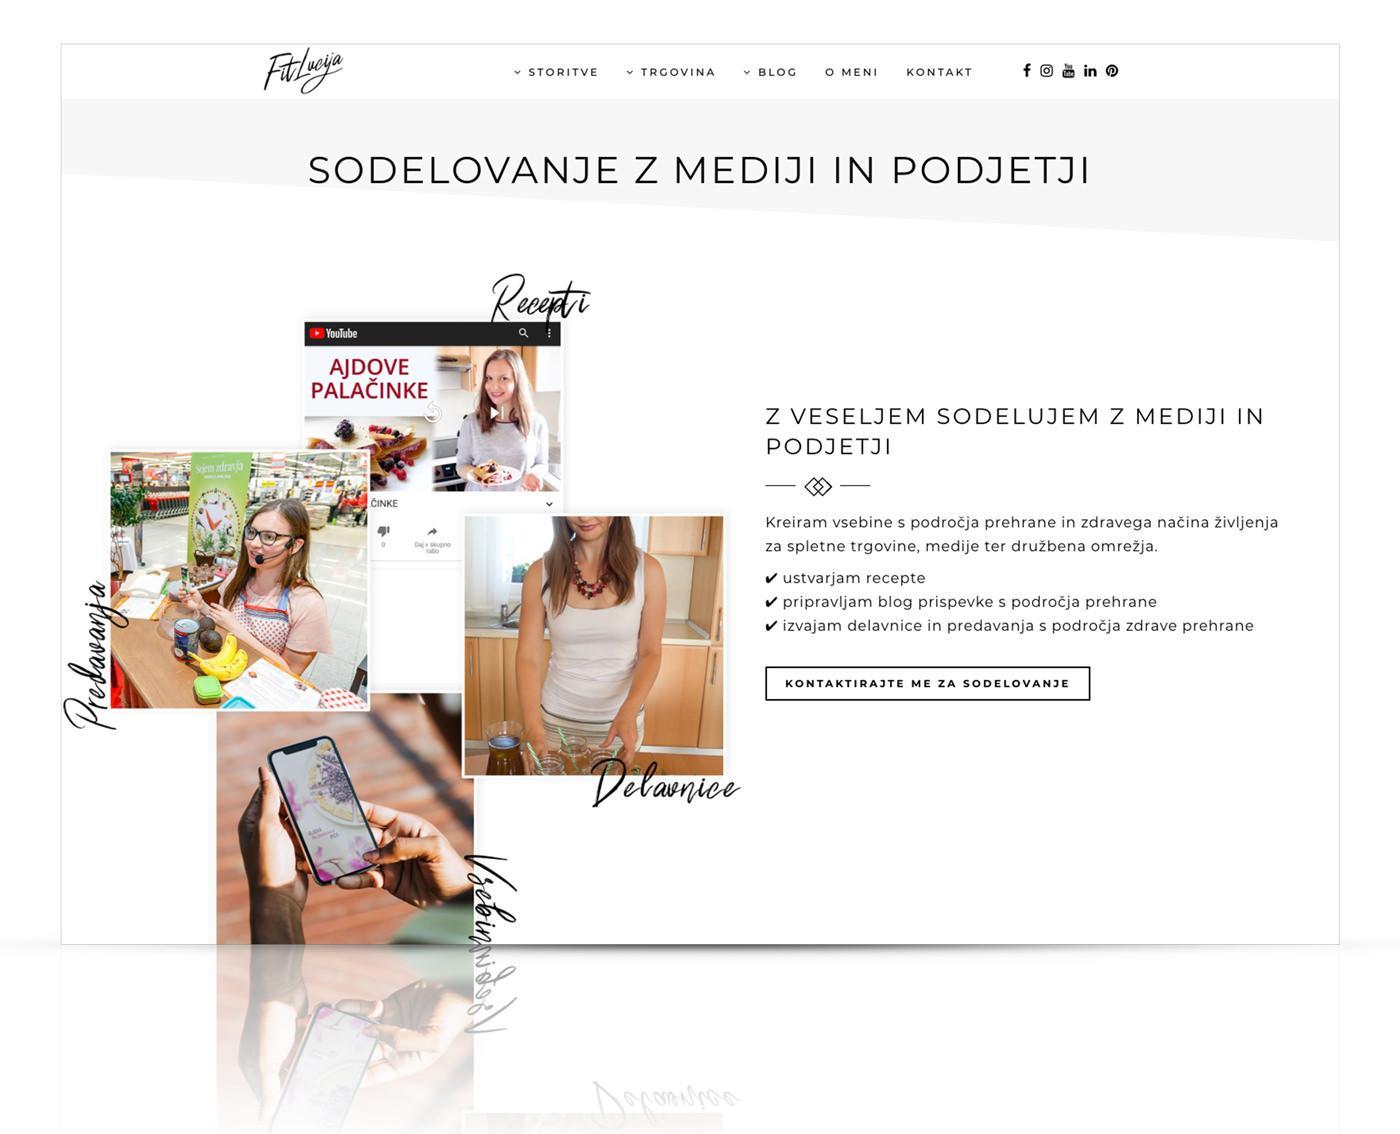 Nova spletna stran FitLucija